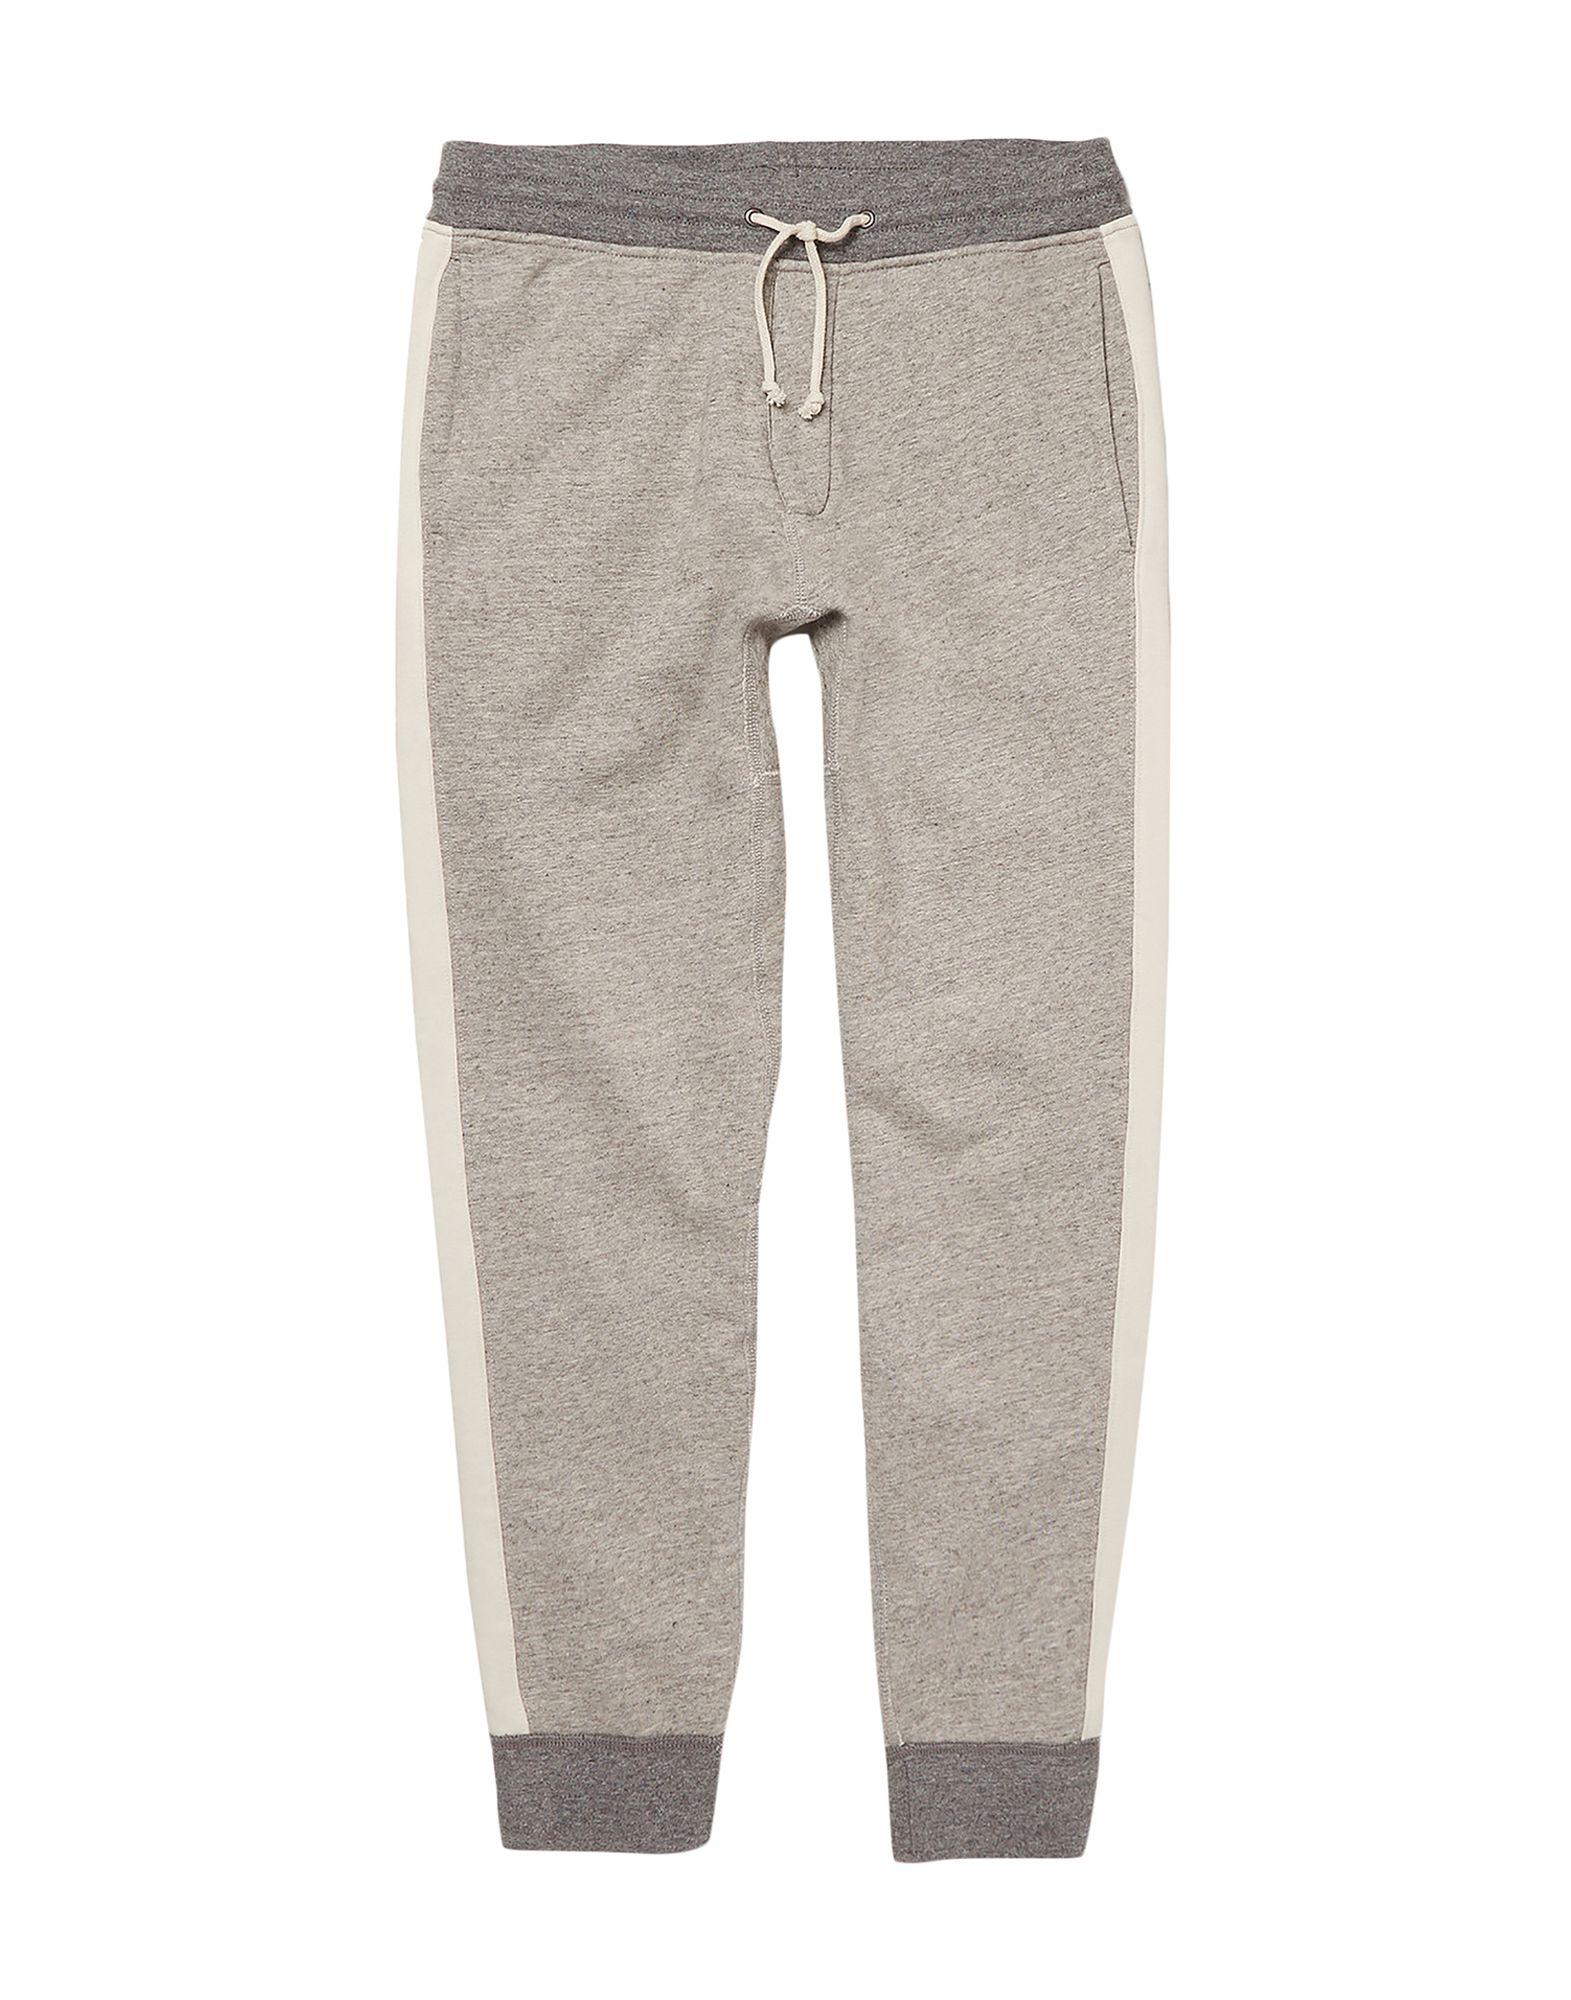 《送料無料》J.CREW メンズ パンツ グレー XL コットン 100%